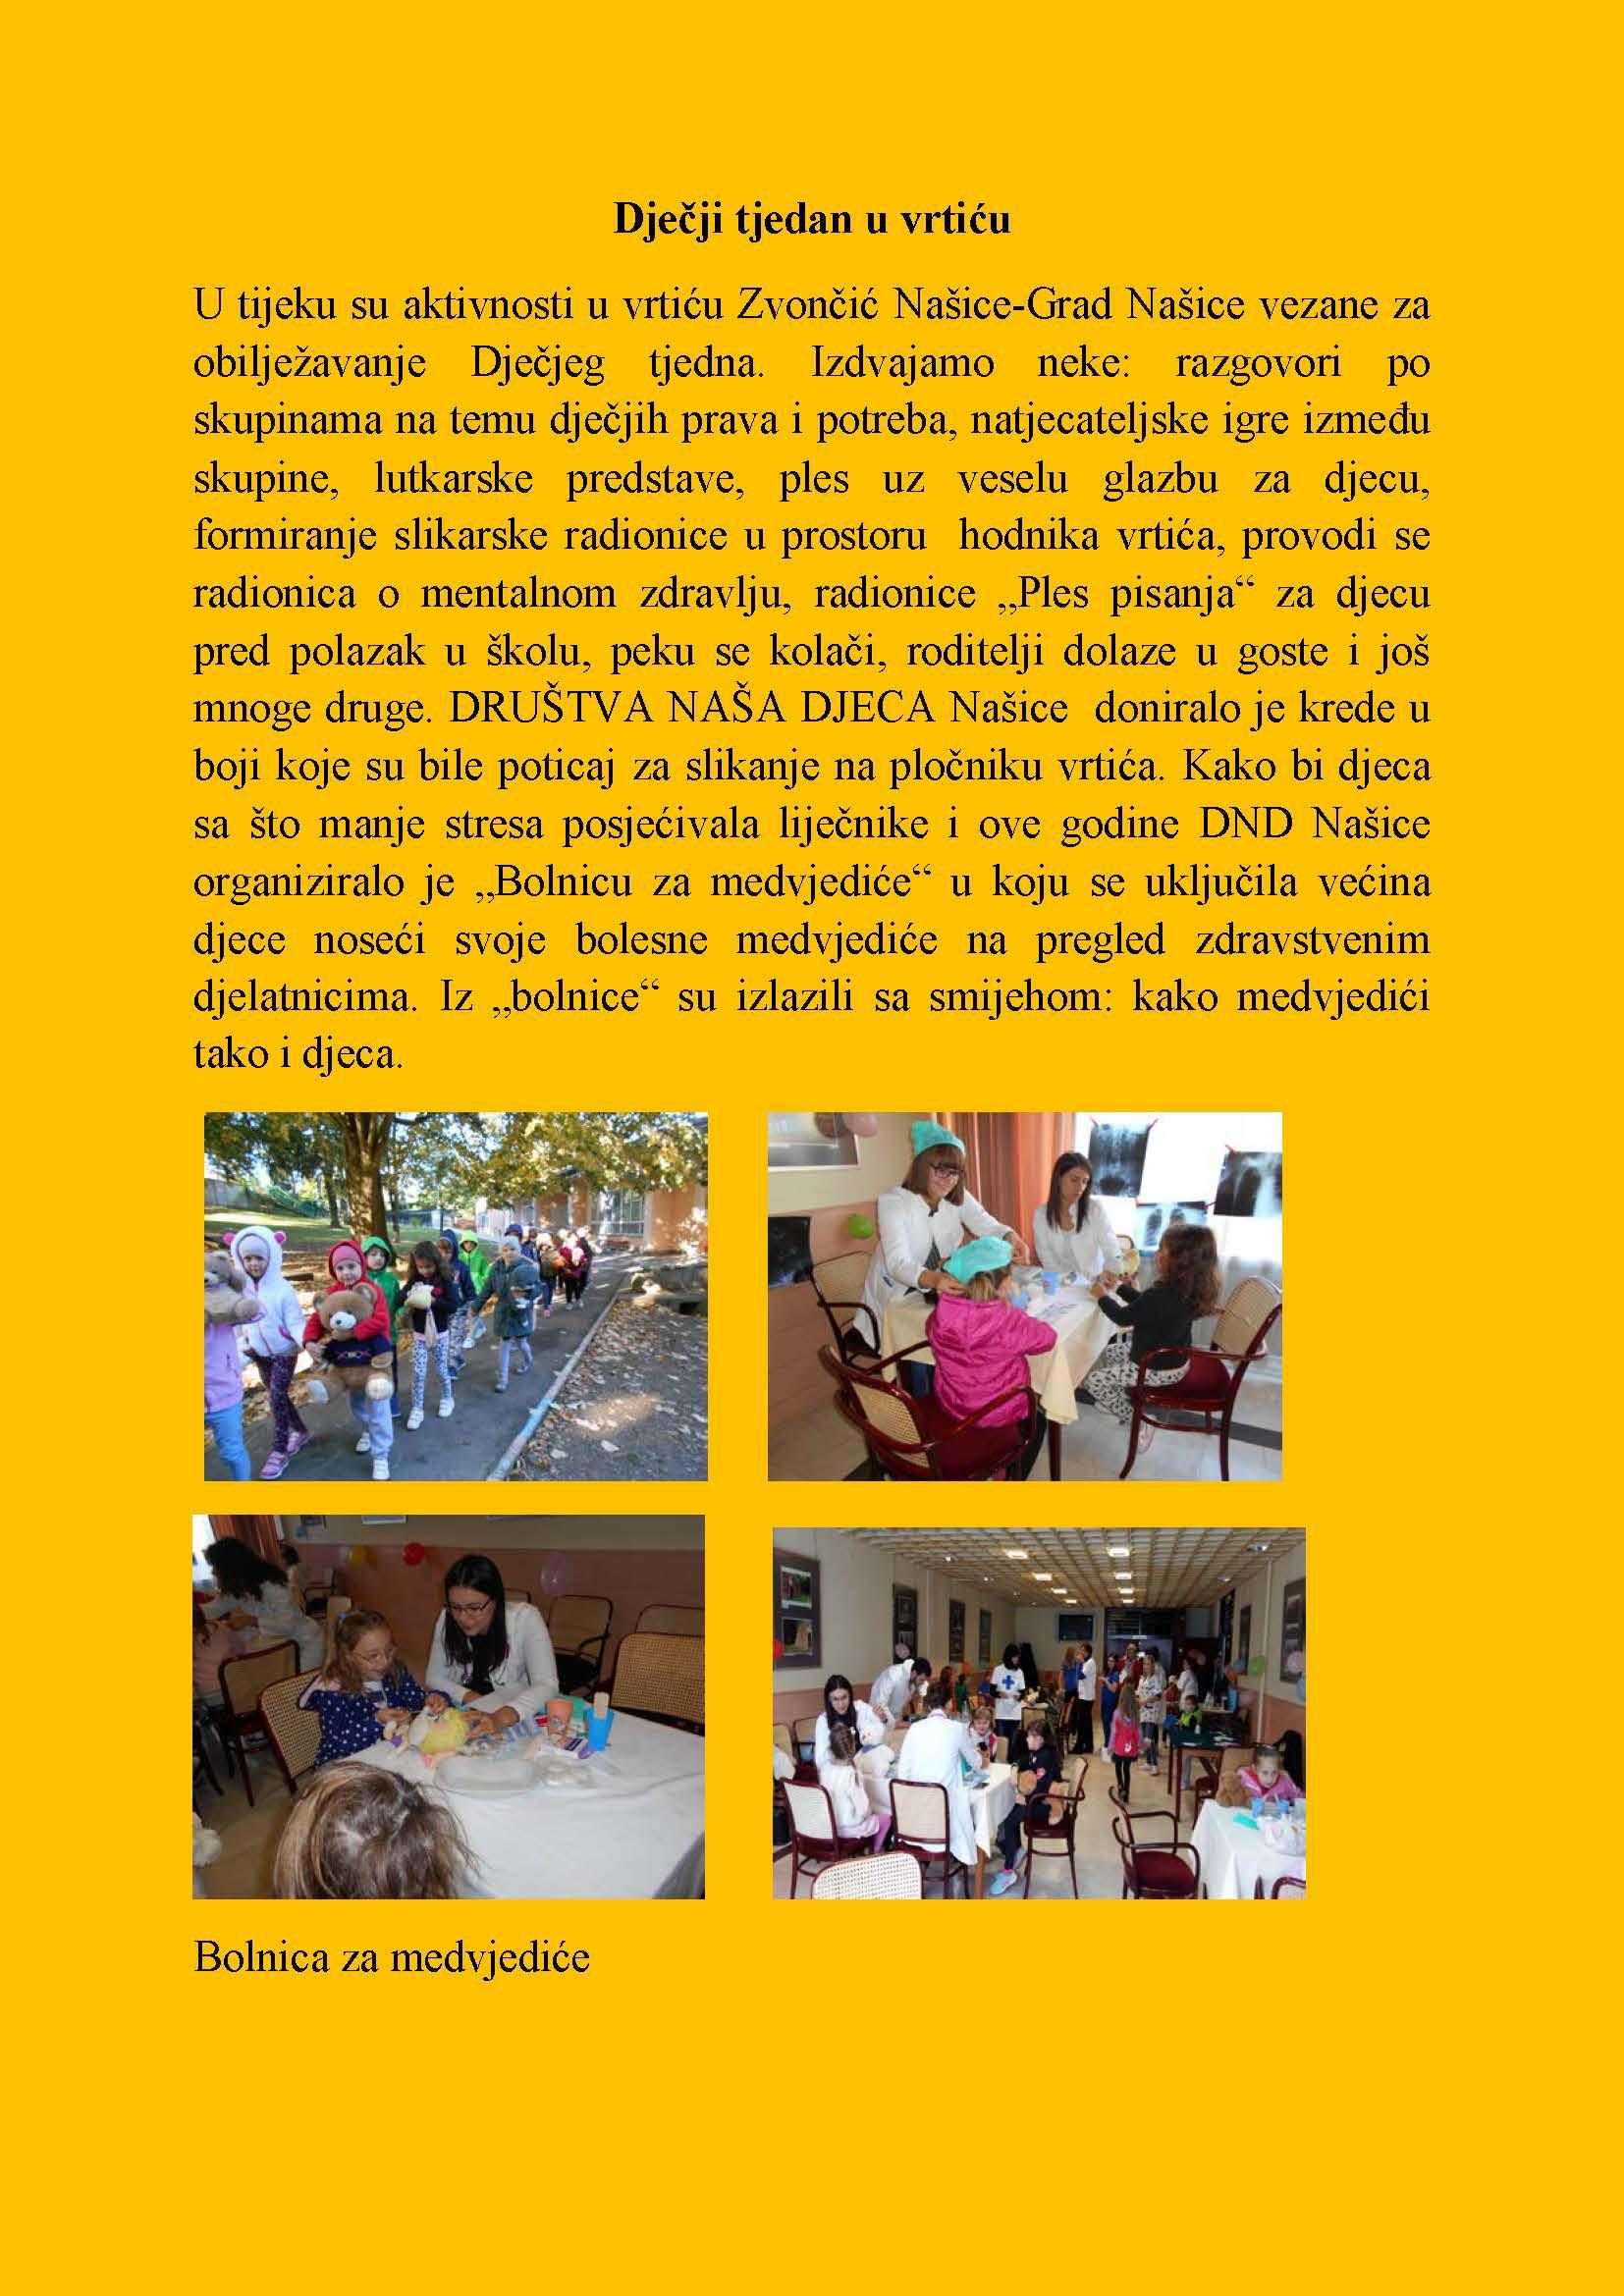 djecji-tjedan-u-vrticu_page_1